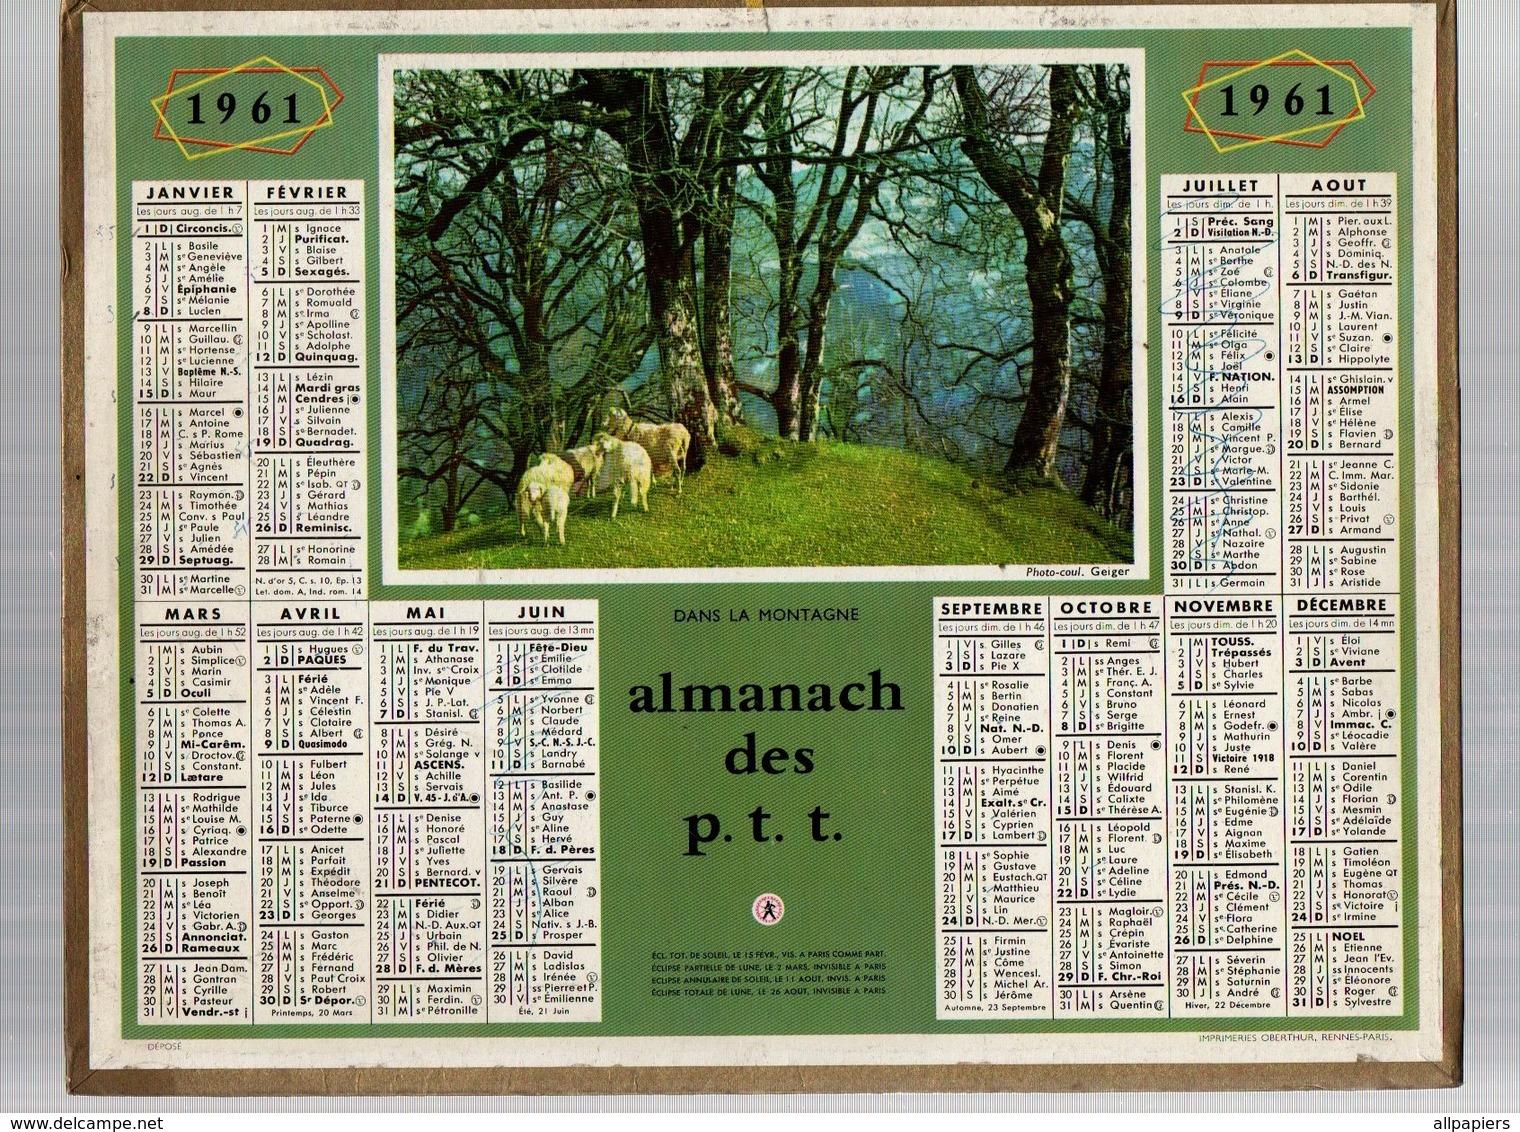 Calendrier Almanach Des P.t.t De 1961 Du Pas De Calais - Petit Format : 1961-70